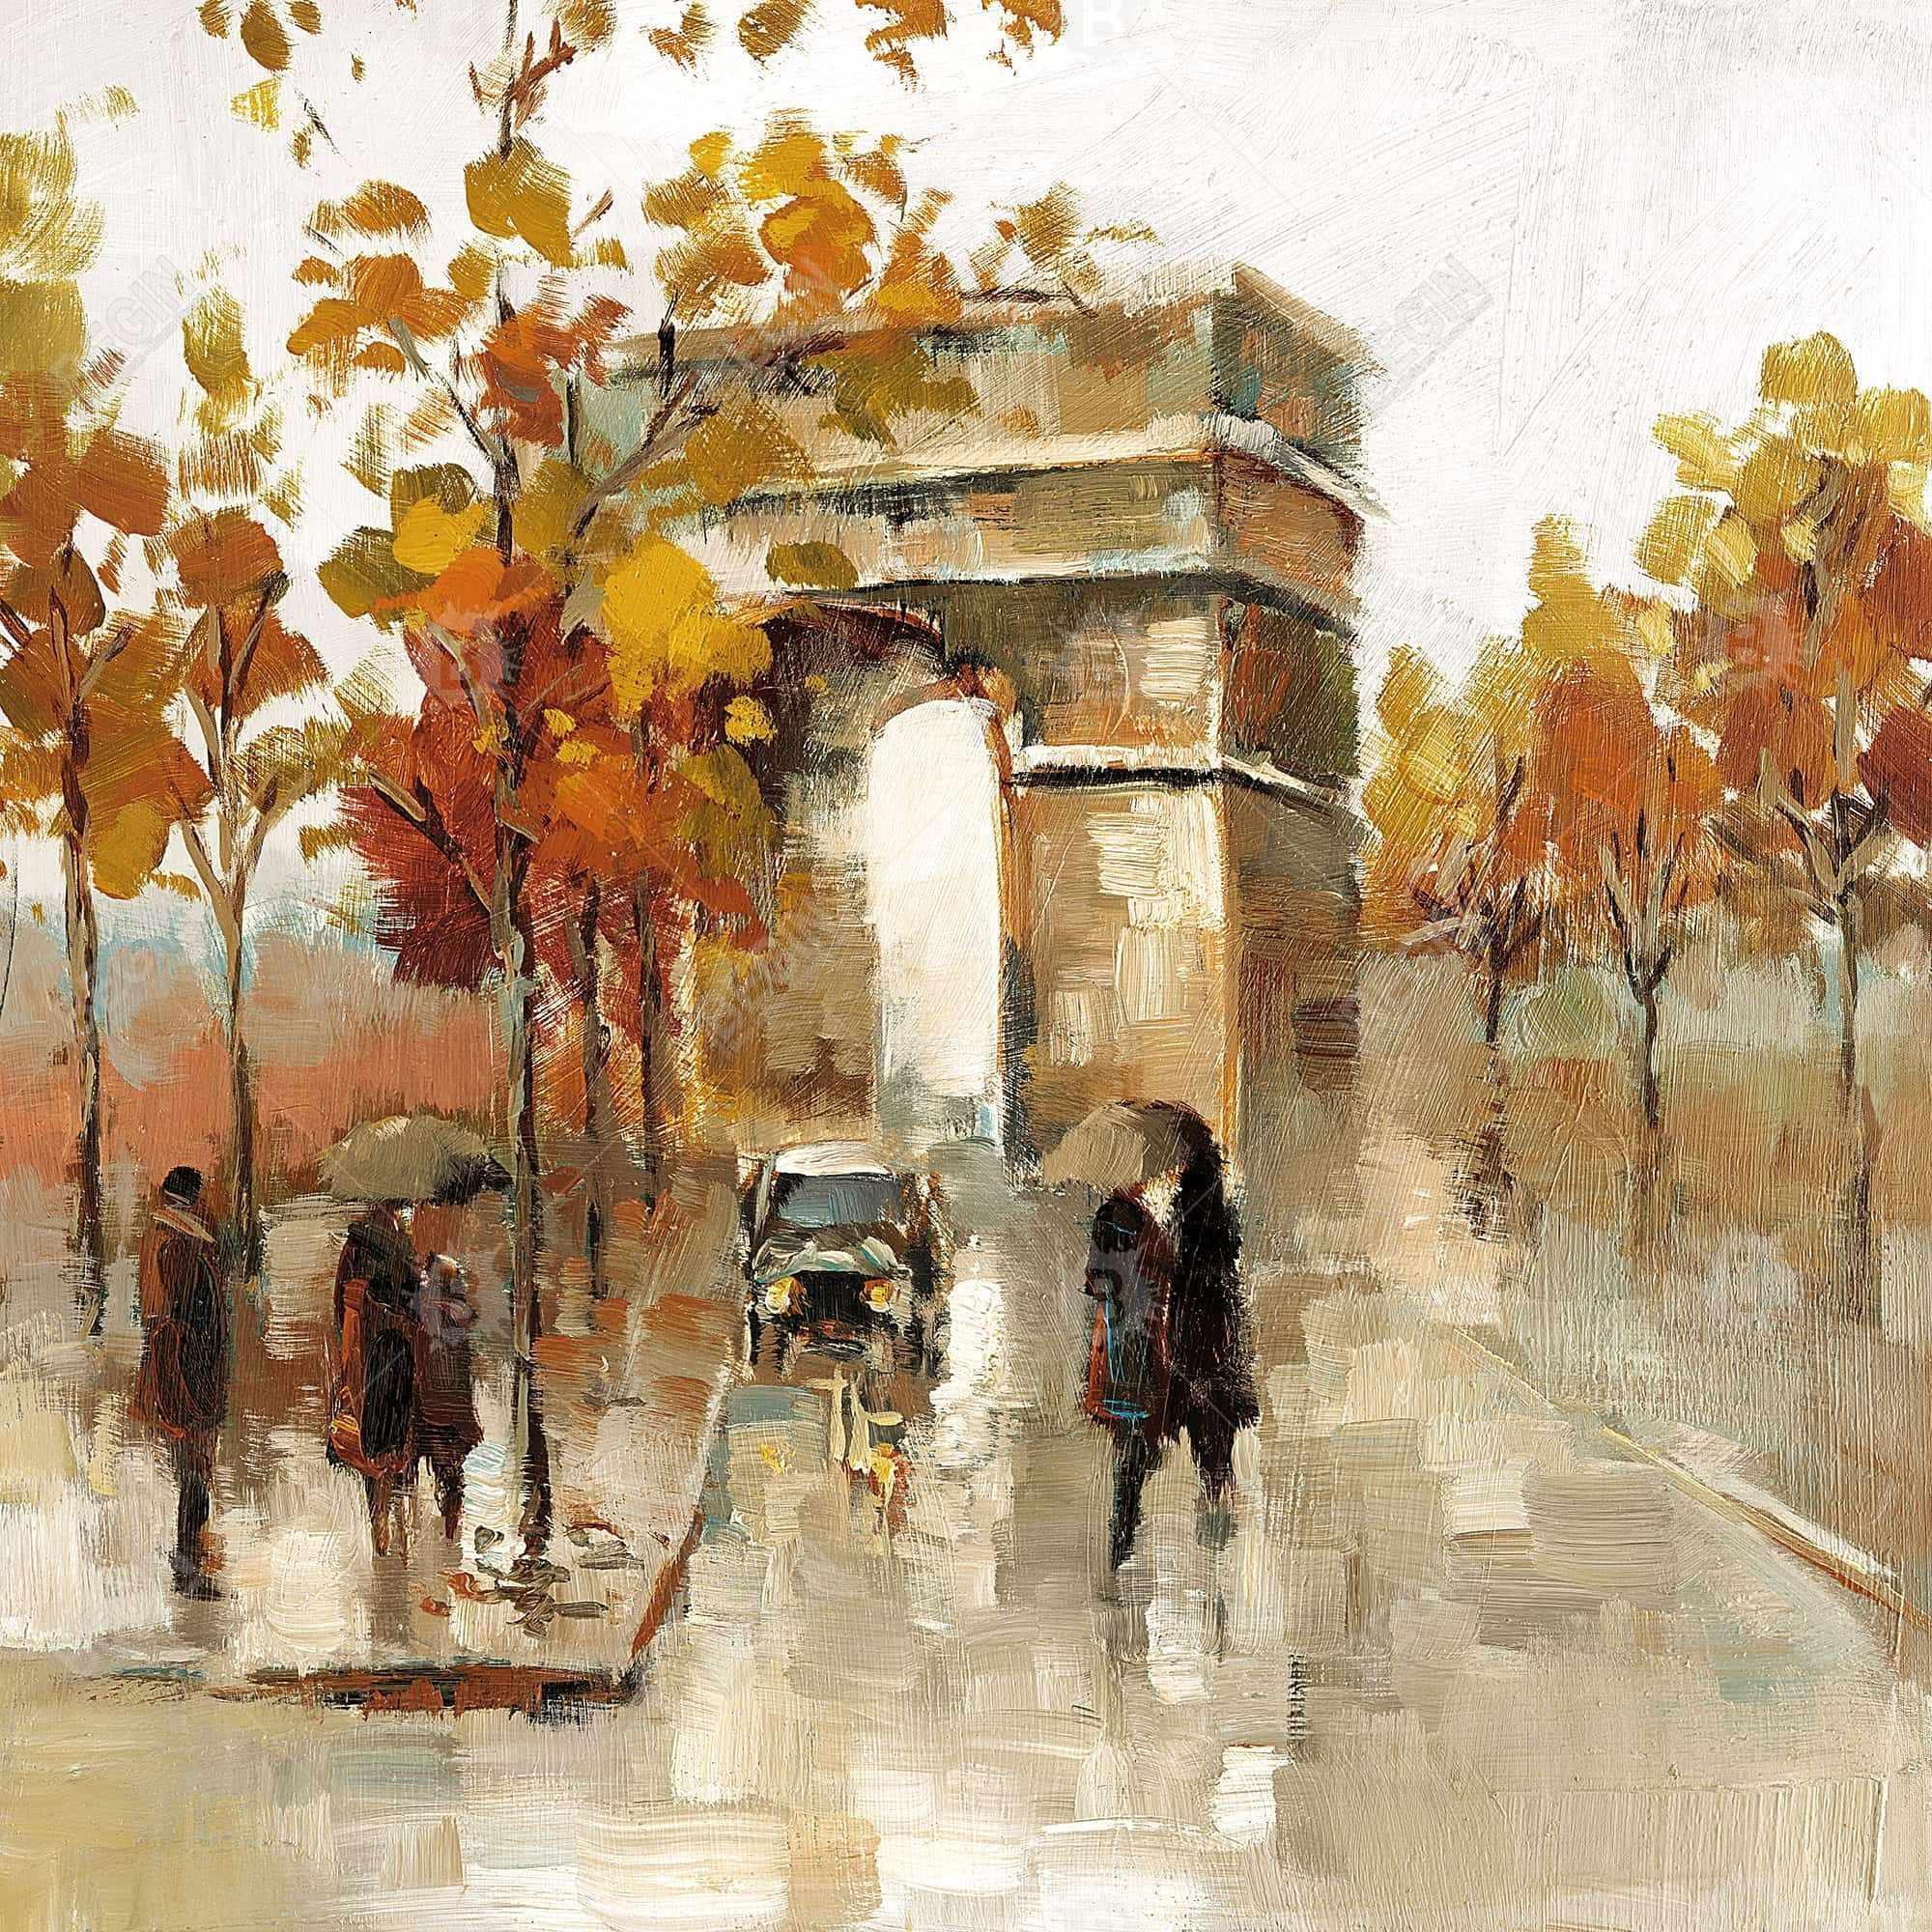 Arc de triomphe in autumn